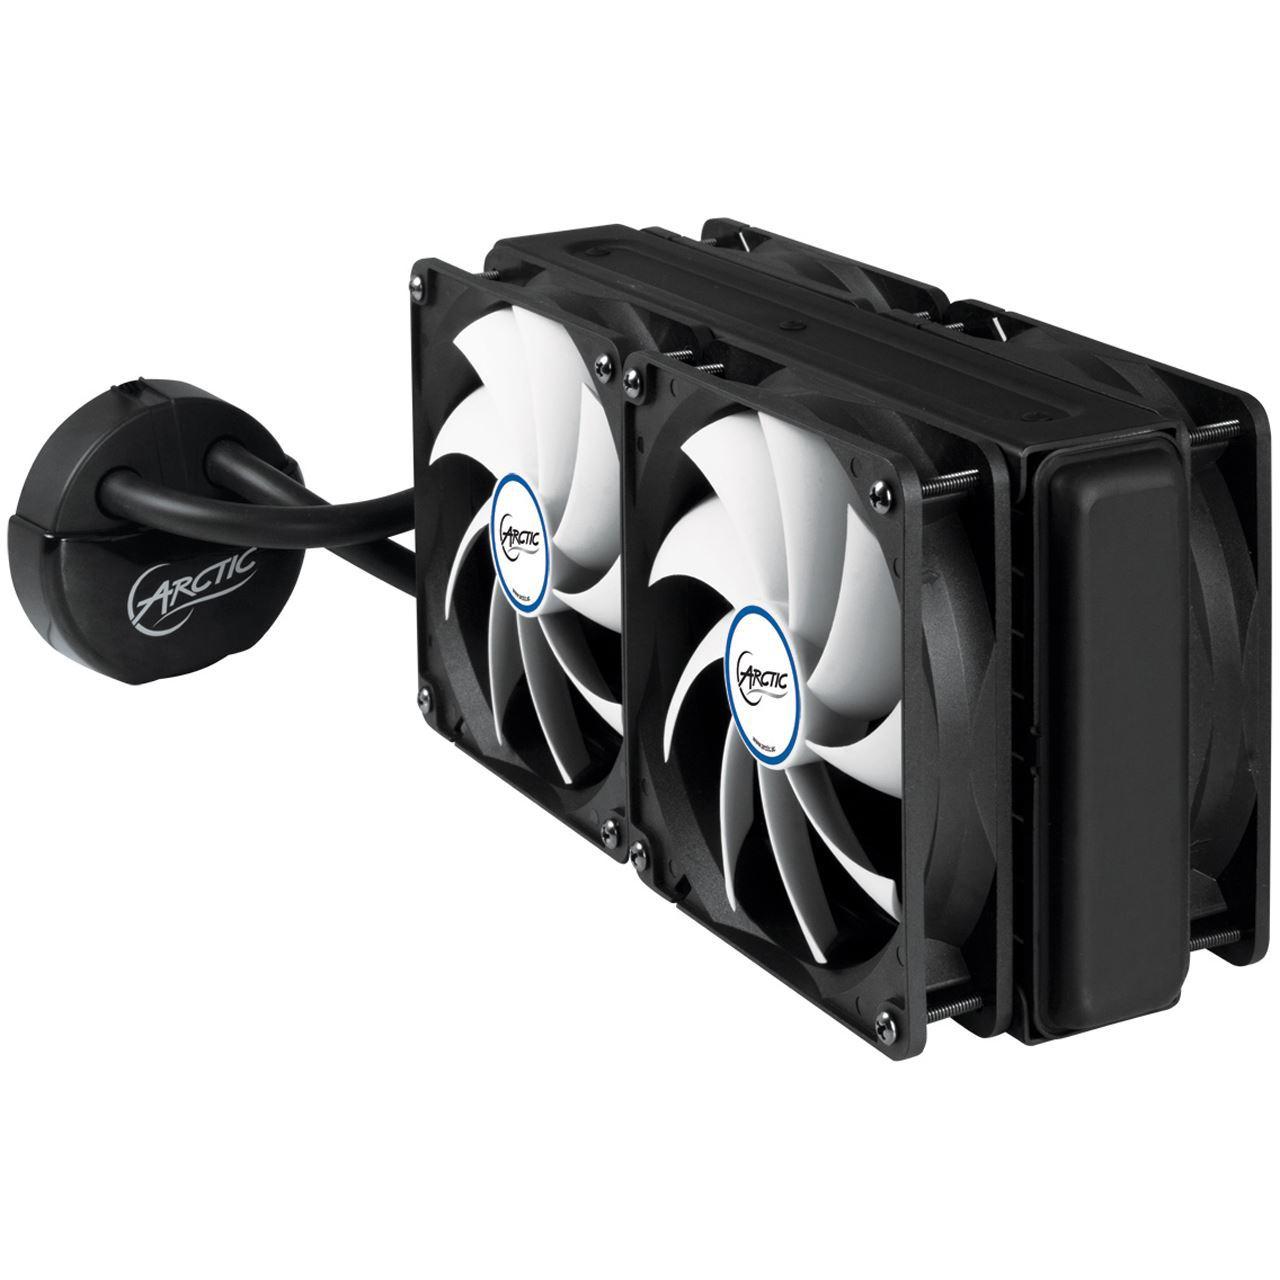 [NBB] ARCTIC Liquid Freezer 240 AiO Wasserkühlung (alle Sockel) - für 62,70€ statt 70,65€ mit Masterpass